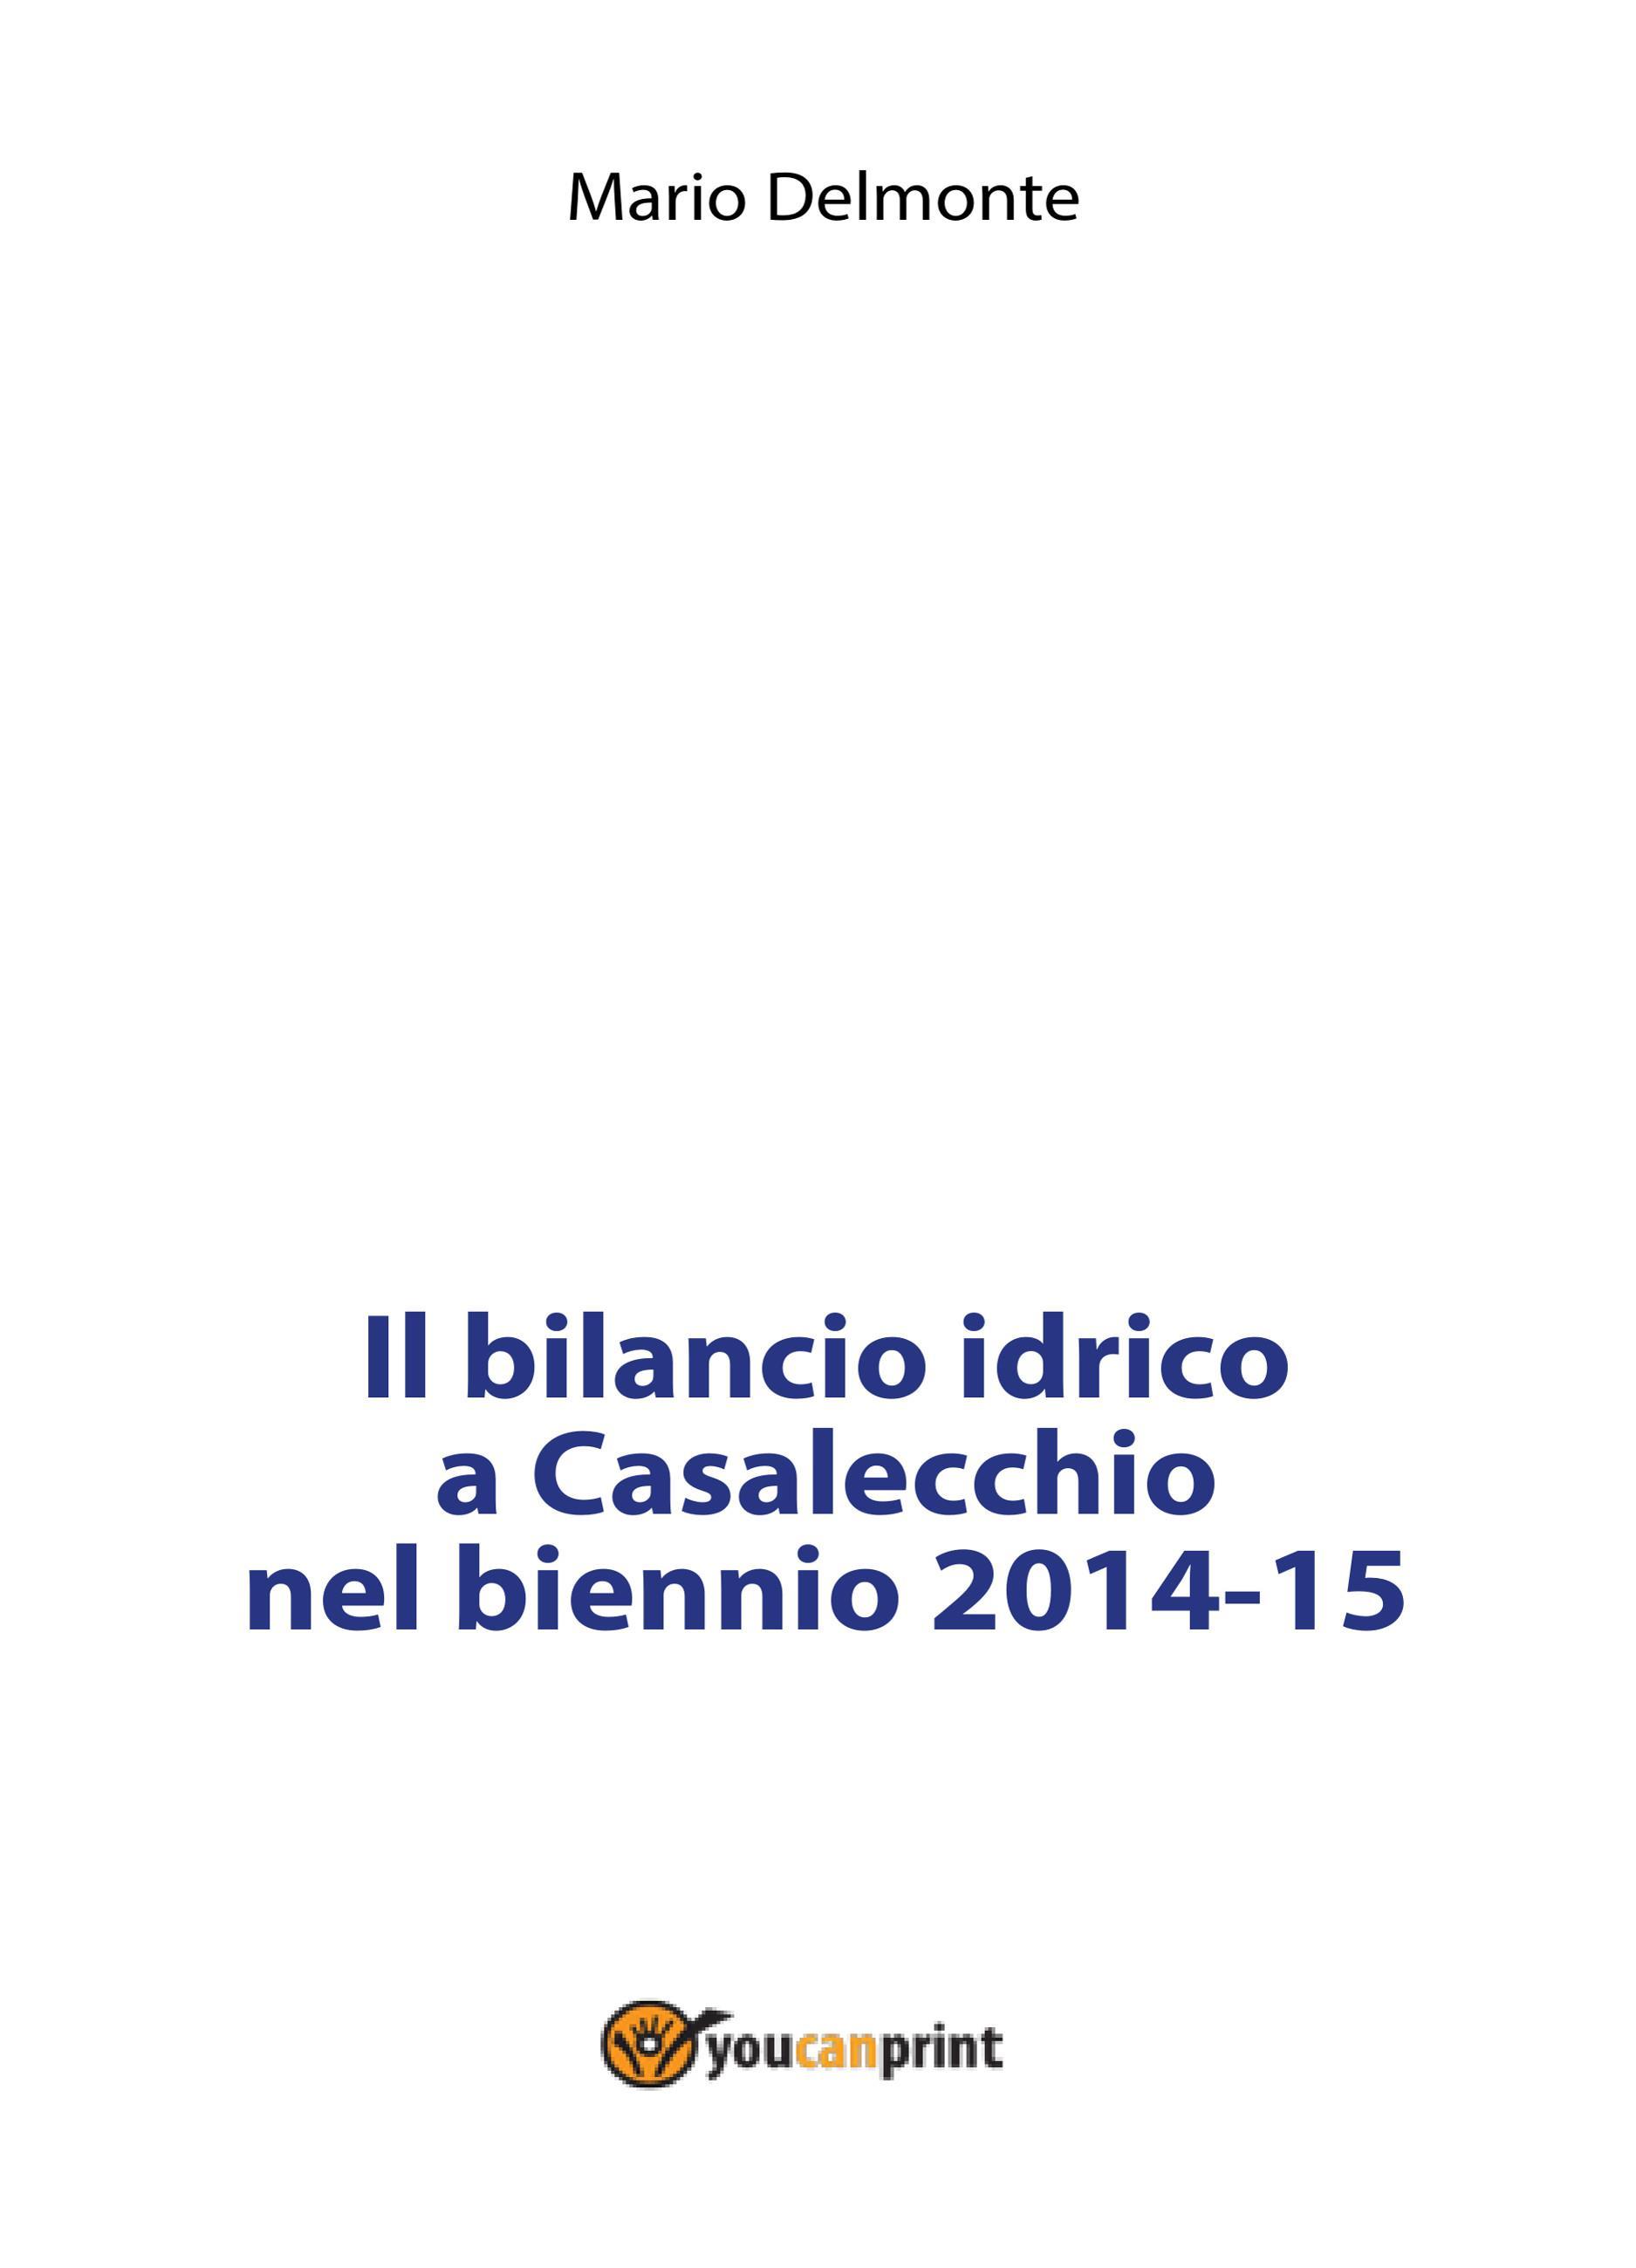 Il bilancio idrico a Casalecchio nel biennio 2014-15